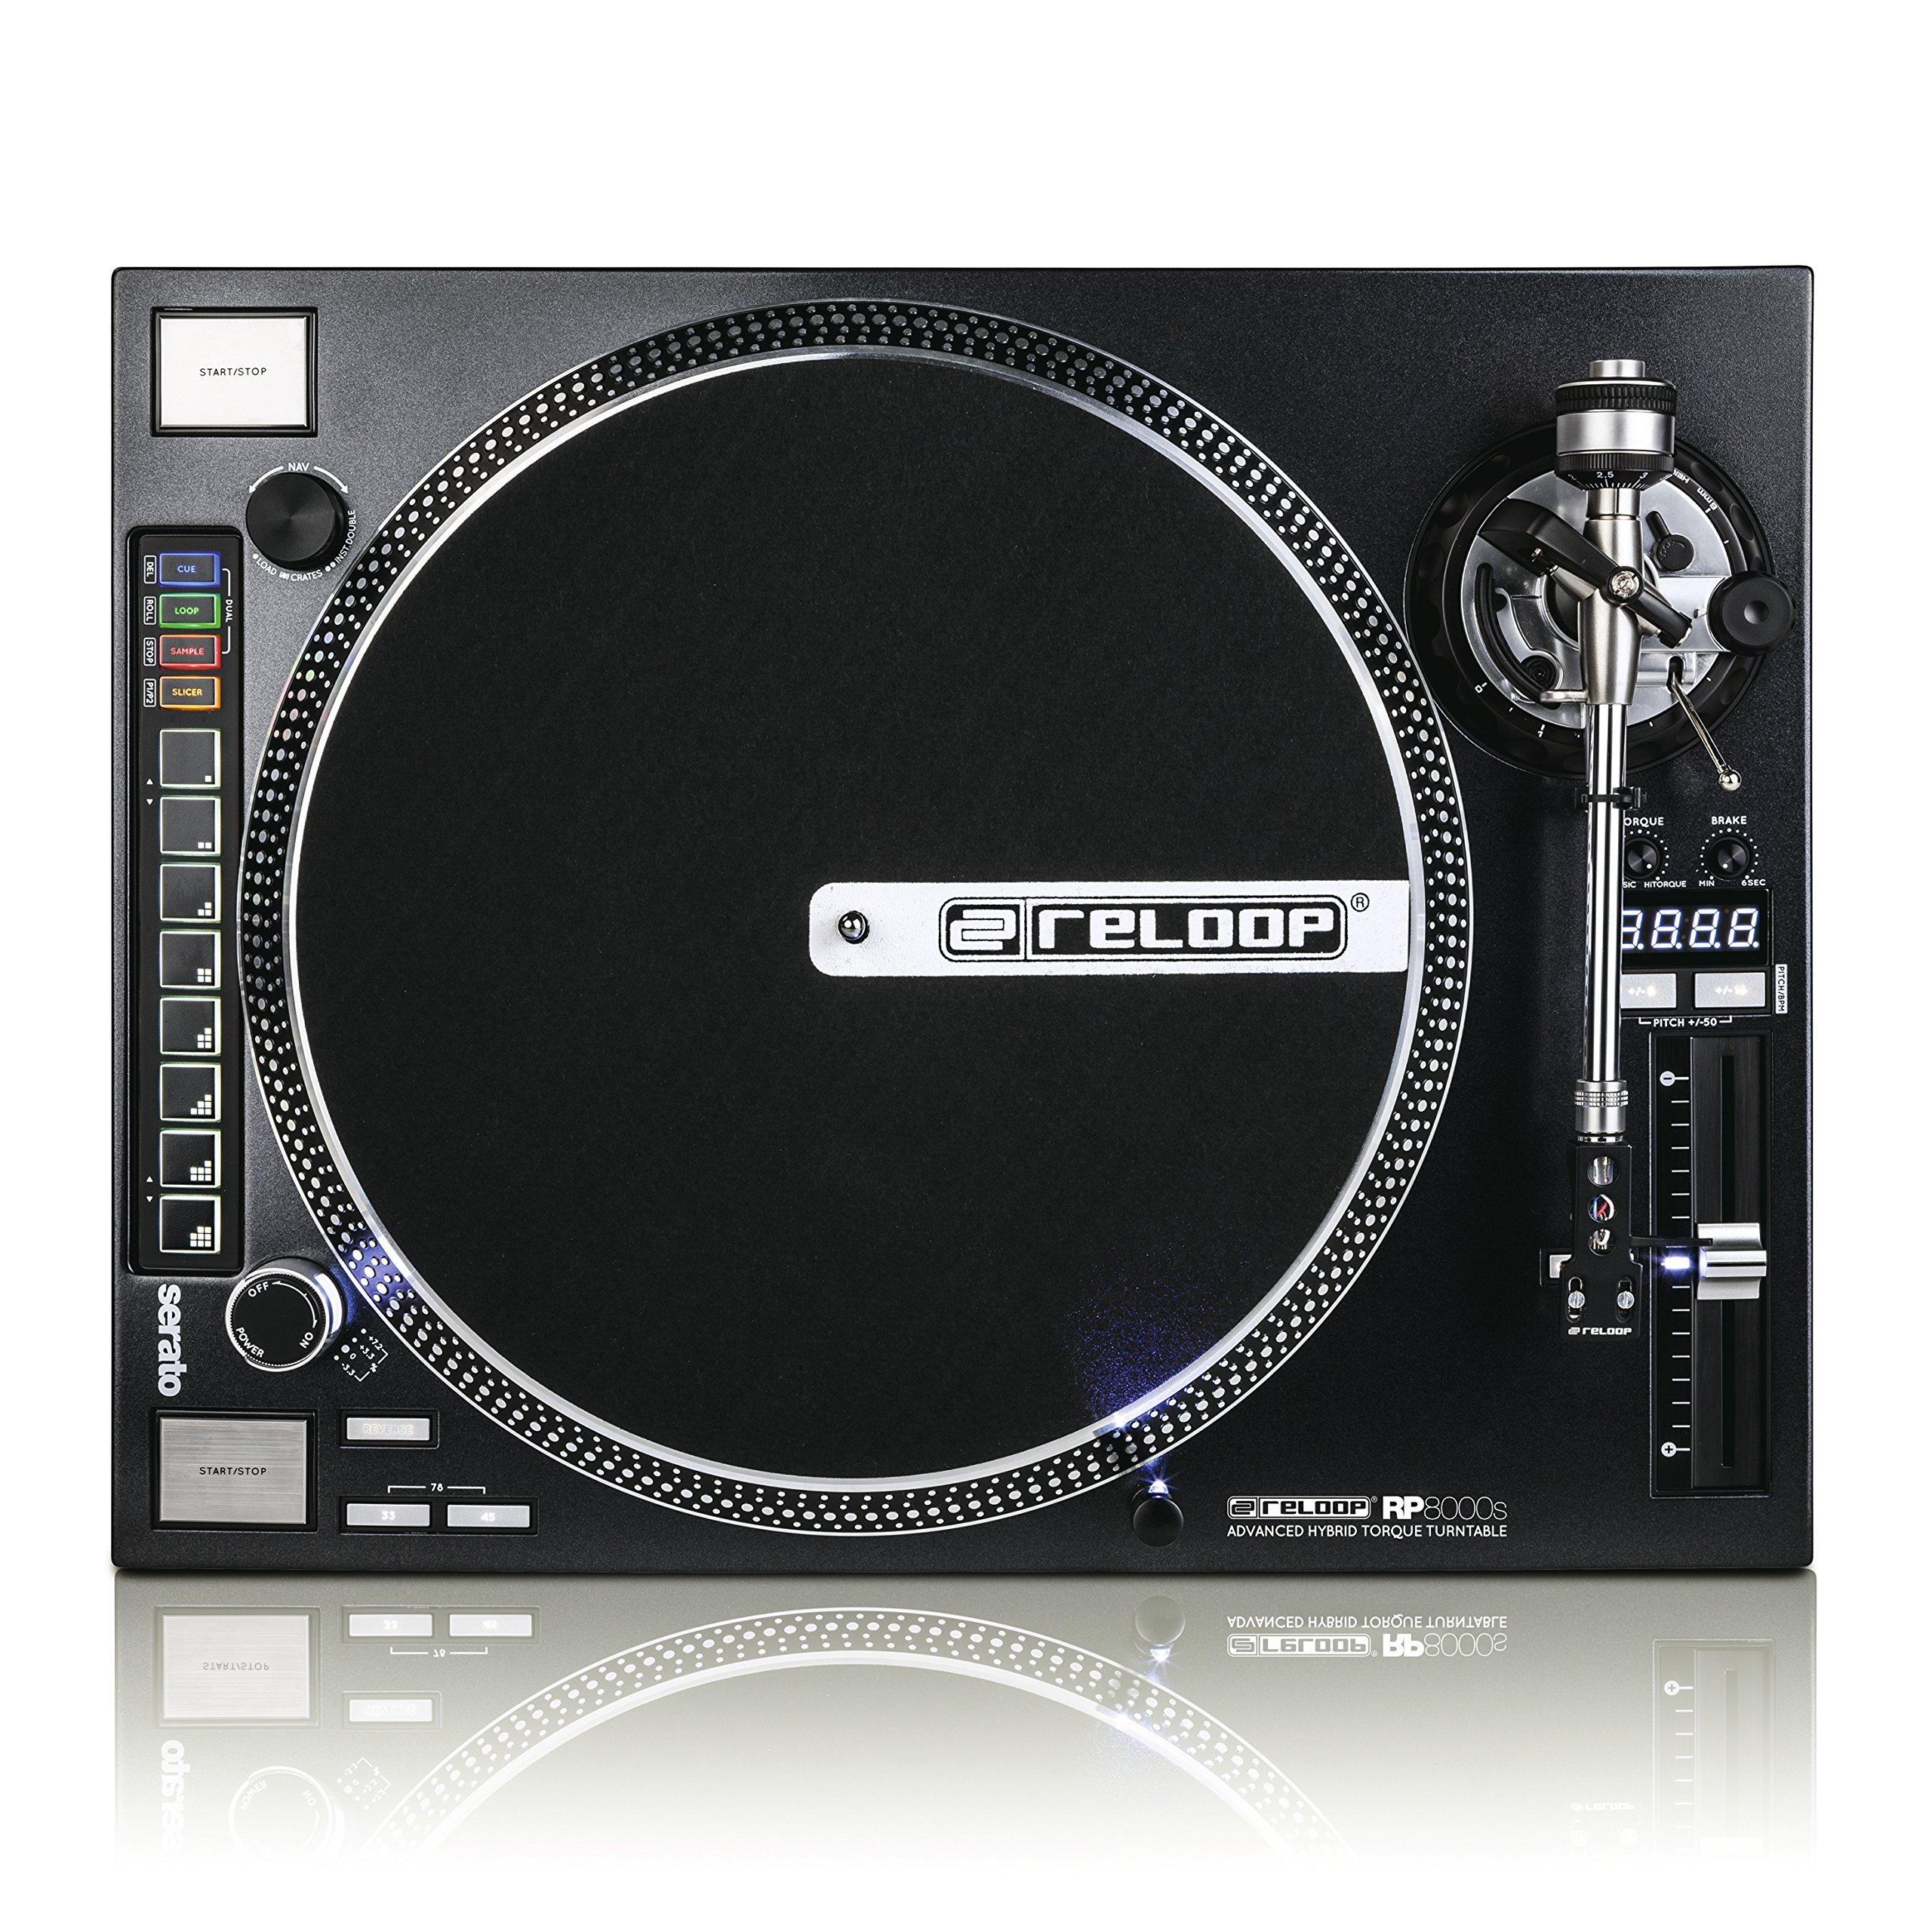 Tourne-disque Reloop RP-7000,pour DJ, avec couple élevé, entraînement direct par Quartz, réglable en hauteur